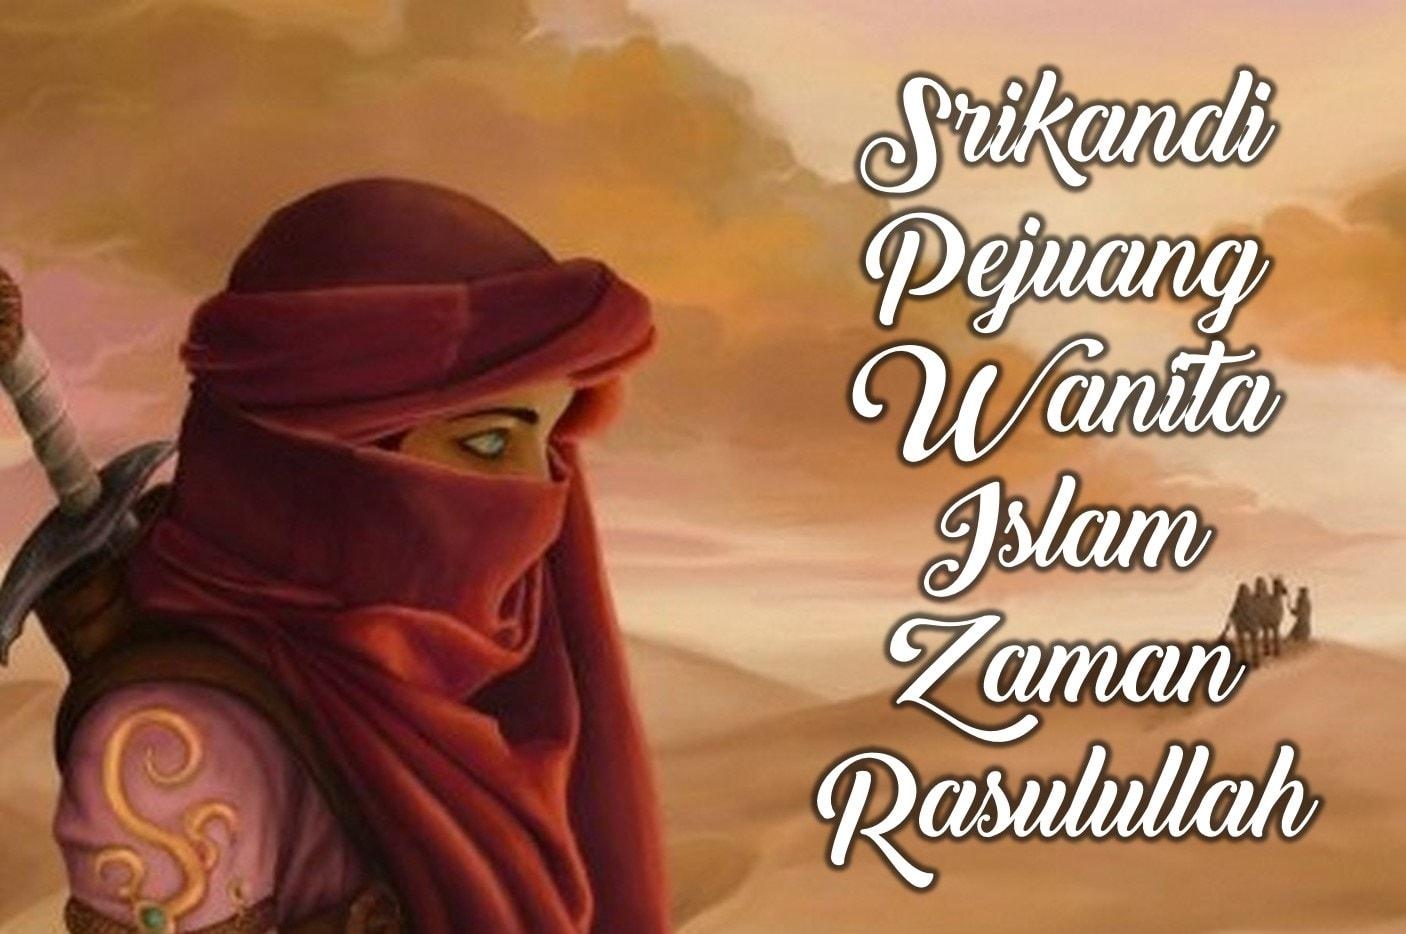 srikandi-pejuang-wanita-islam